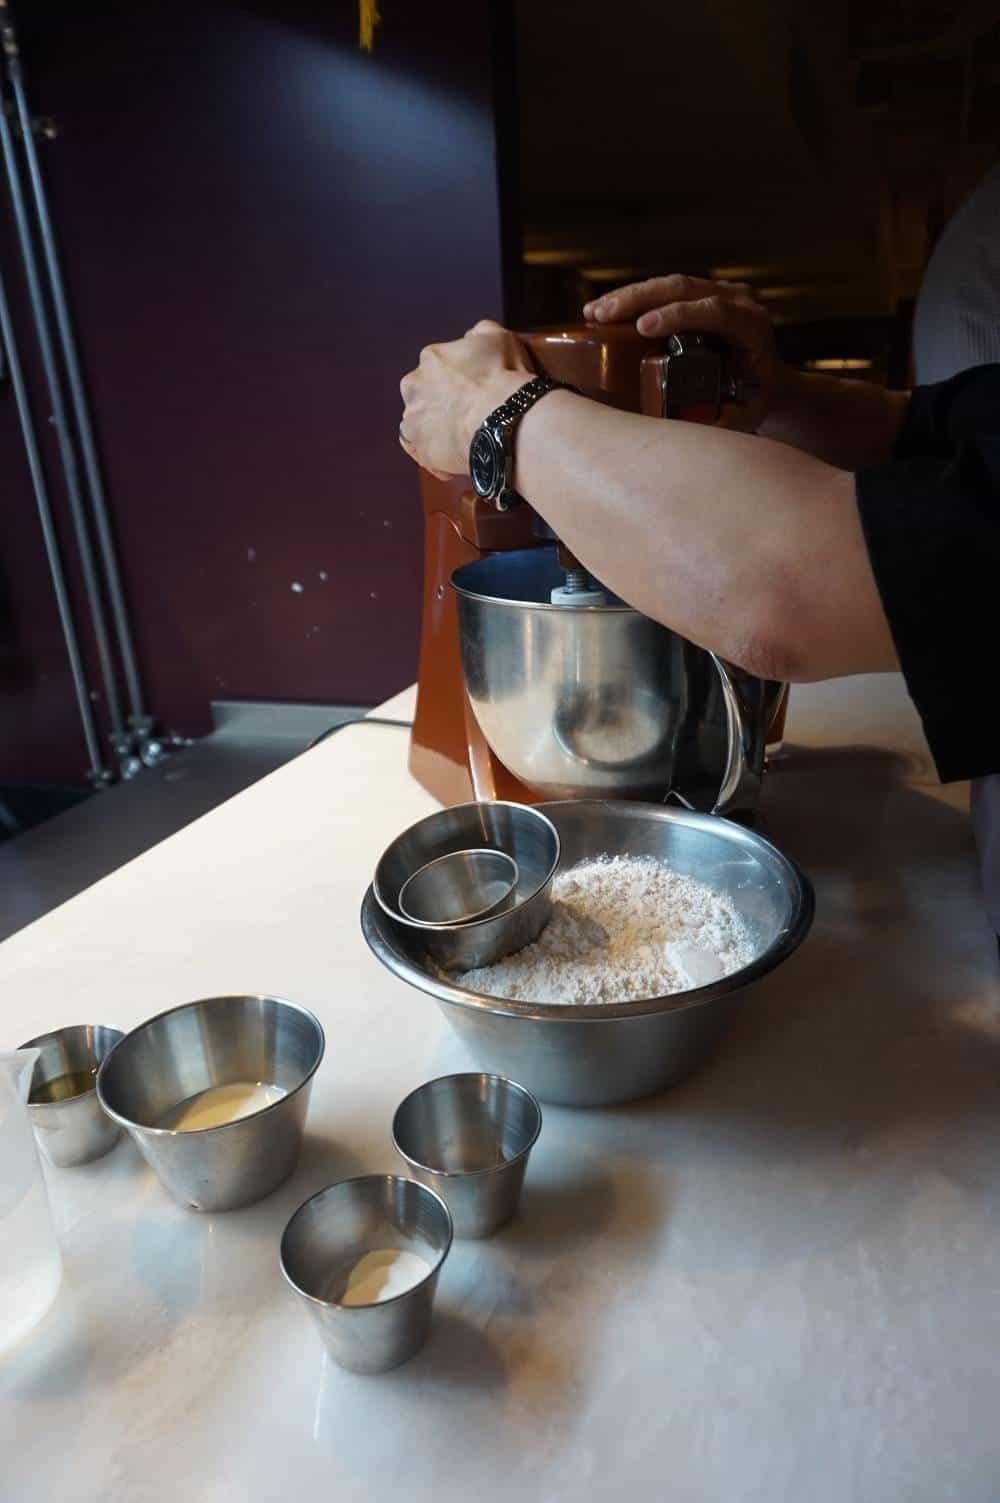 Making Bao dough